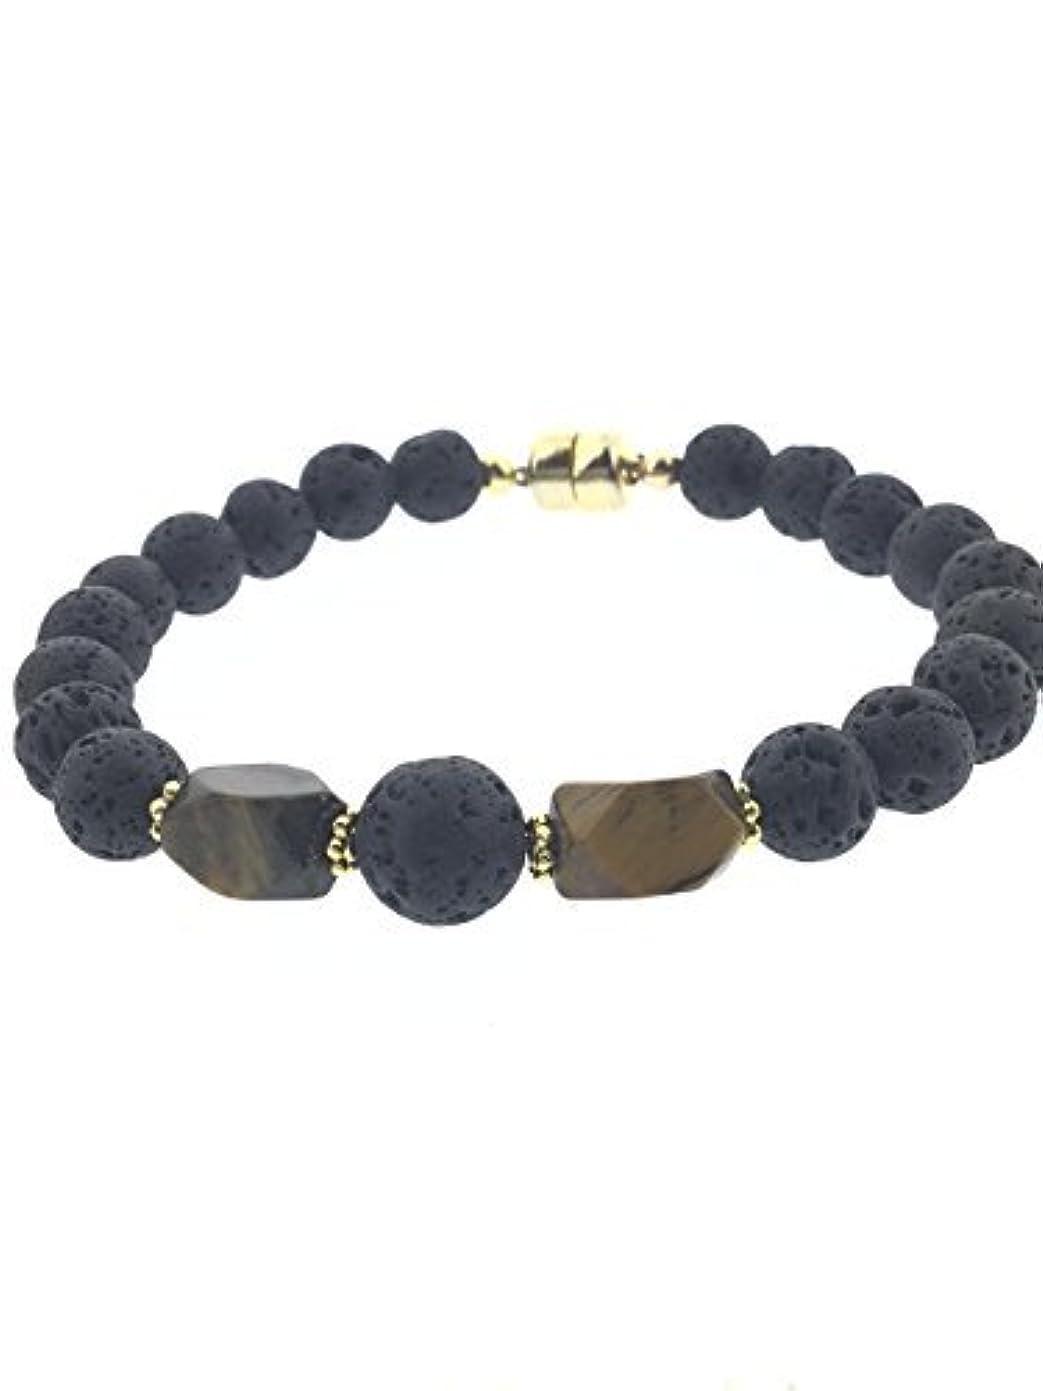 スチール比喩バイアスTiger-eye and Lava Essential Oil Diffuser Bracelet with Gold-Filled Rare Earth Magnetic Clasp - SMALL [並行輸入品]